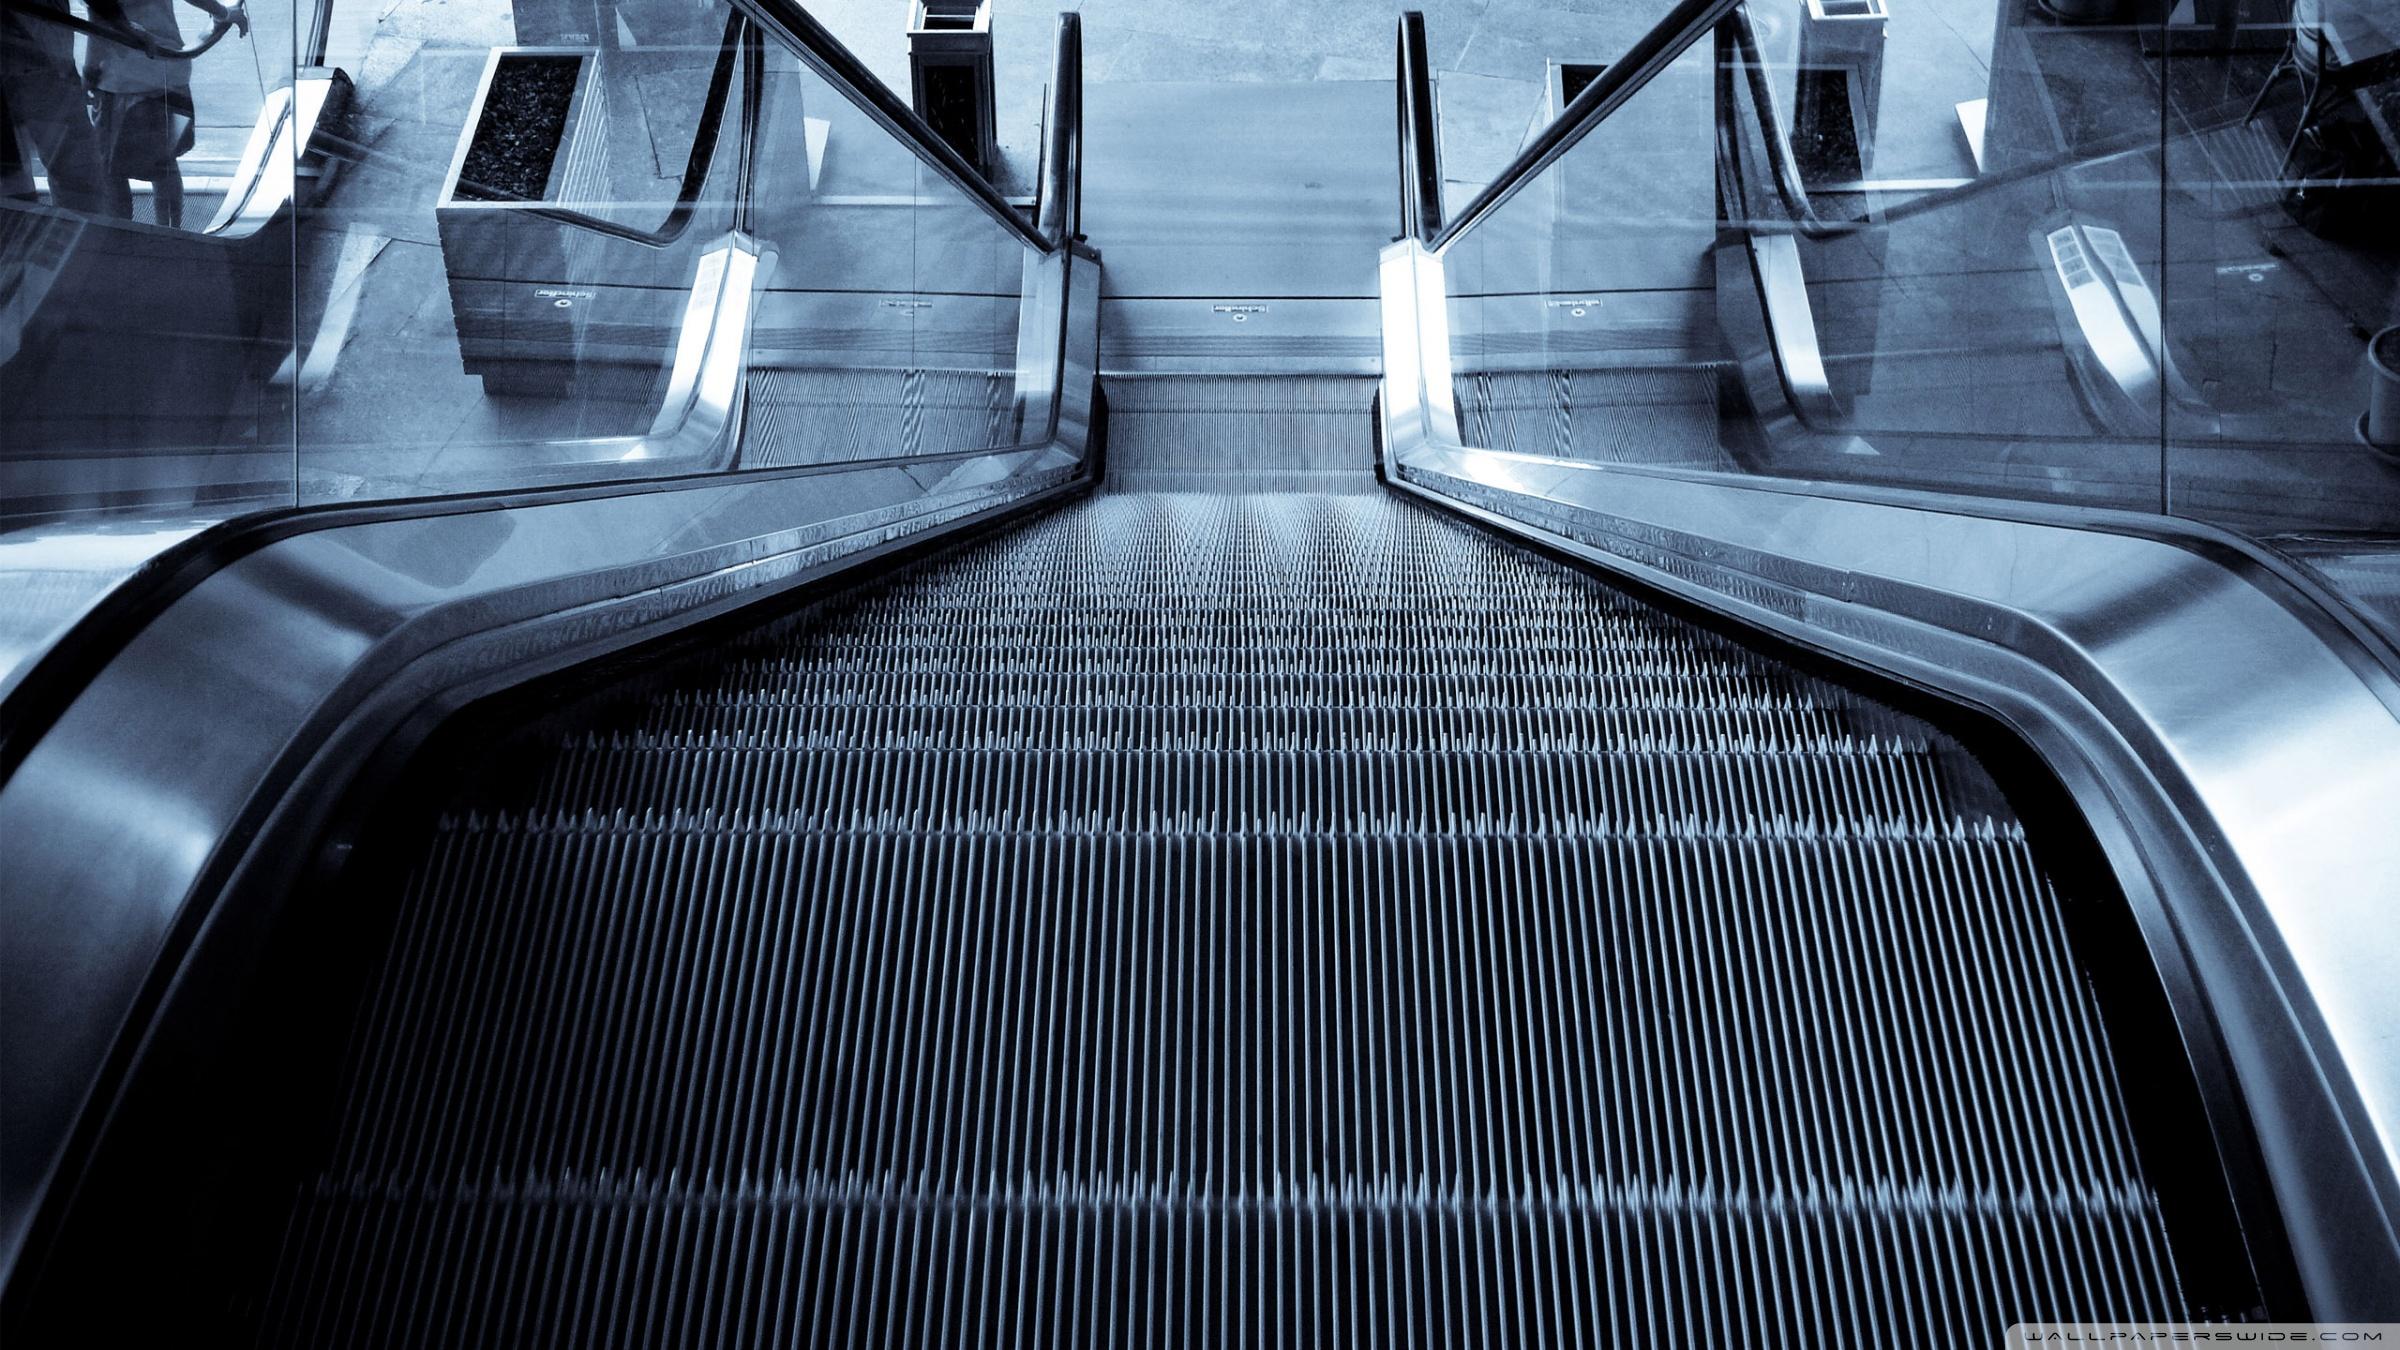 κυλιόμενοι διάδρομοι - KLEEMANN